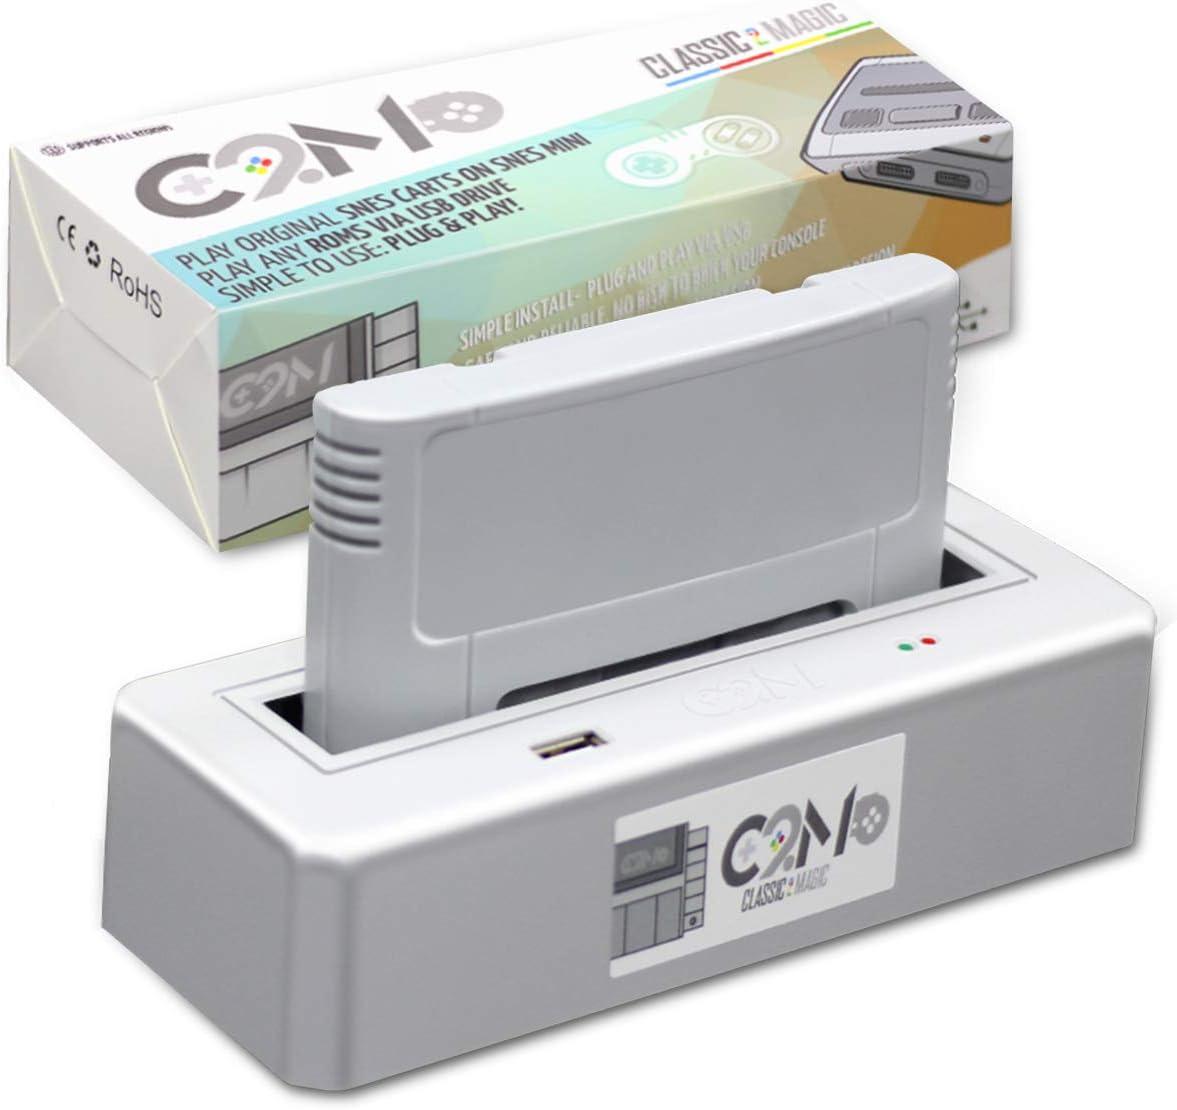 Amazon com: C2M -Classic 2 Magic Adapter for SNES Mini & NES MINI